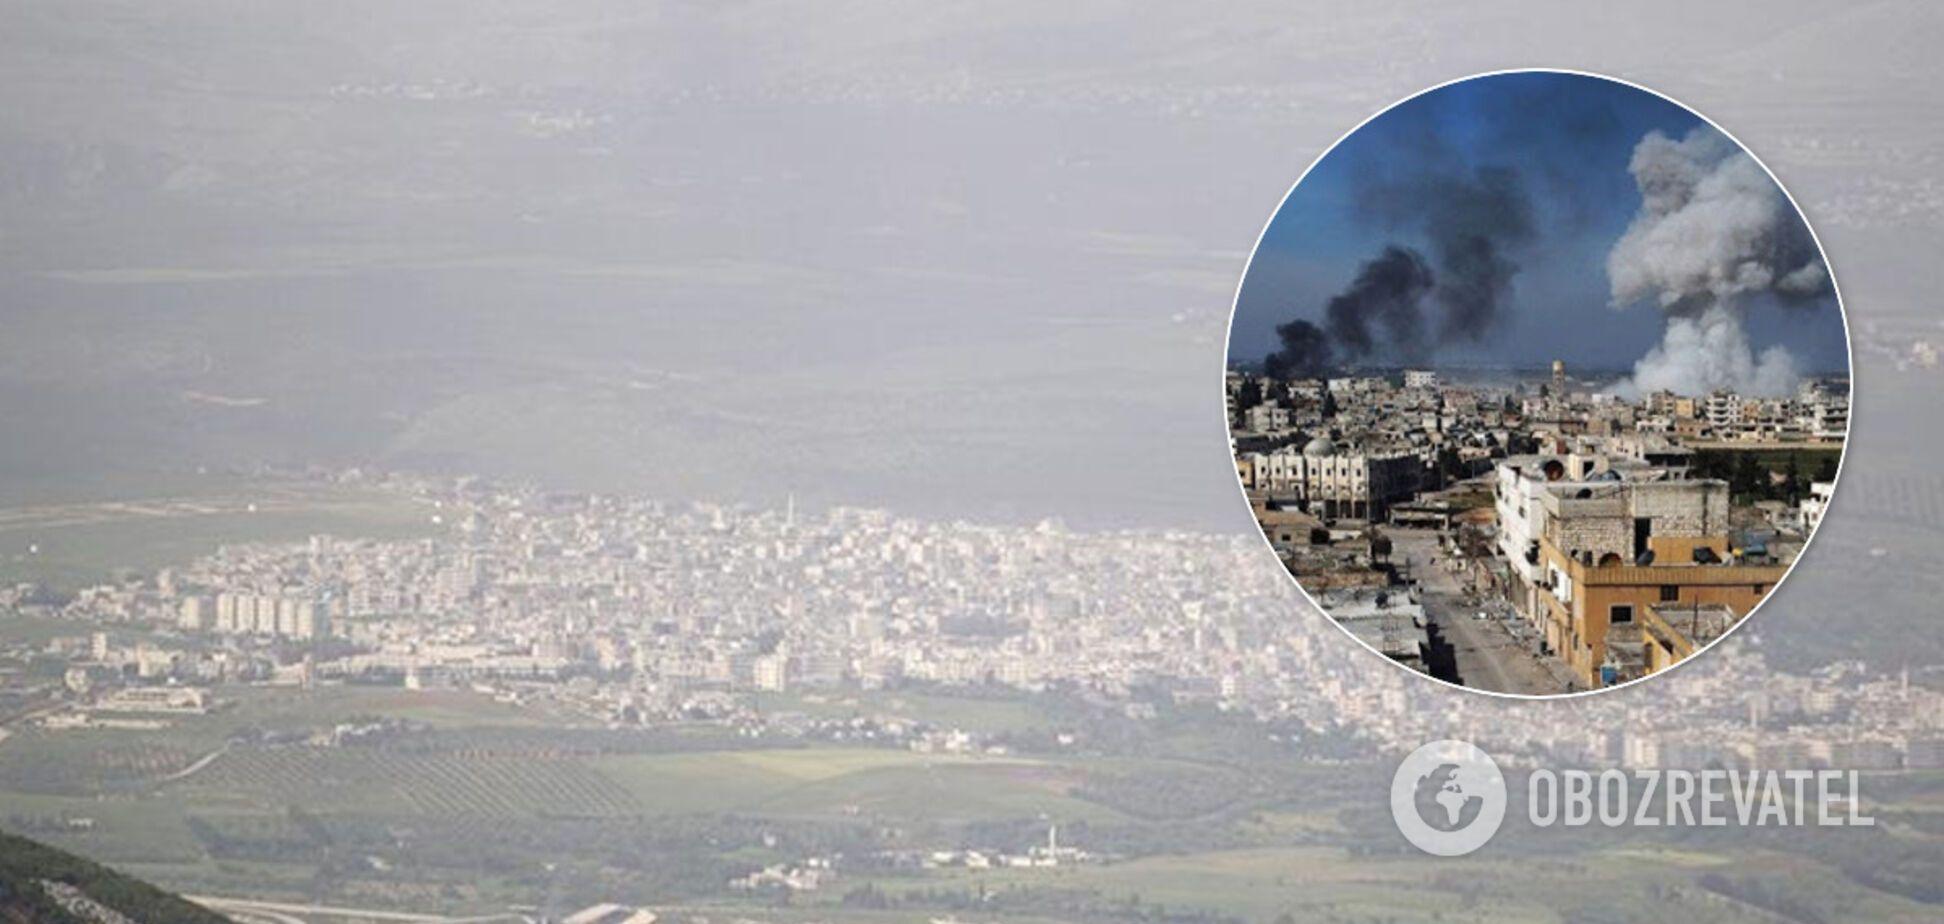 Сирия официально пригрозила сбивать все самолеты и закрыла небо